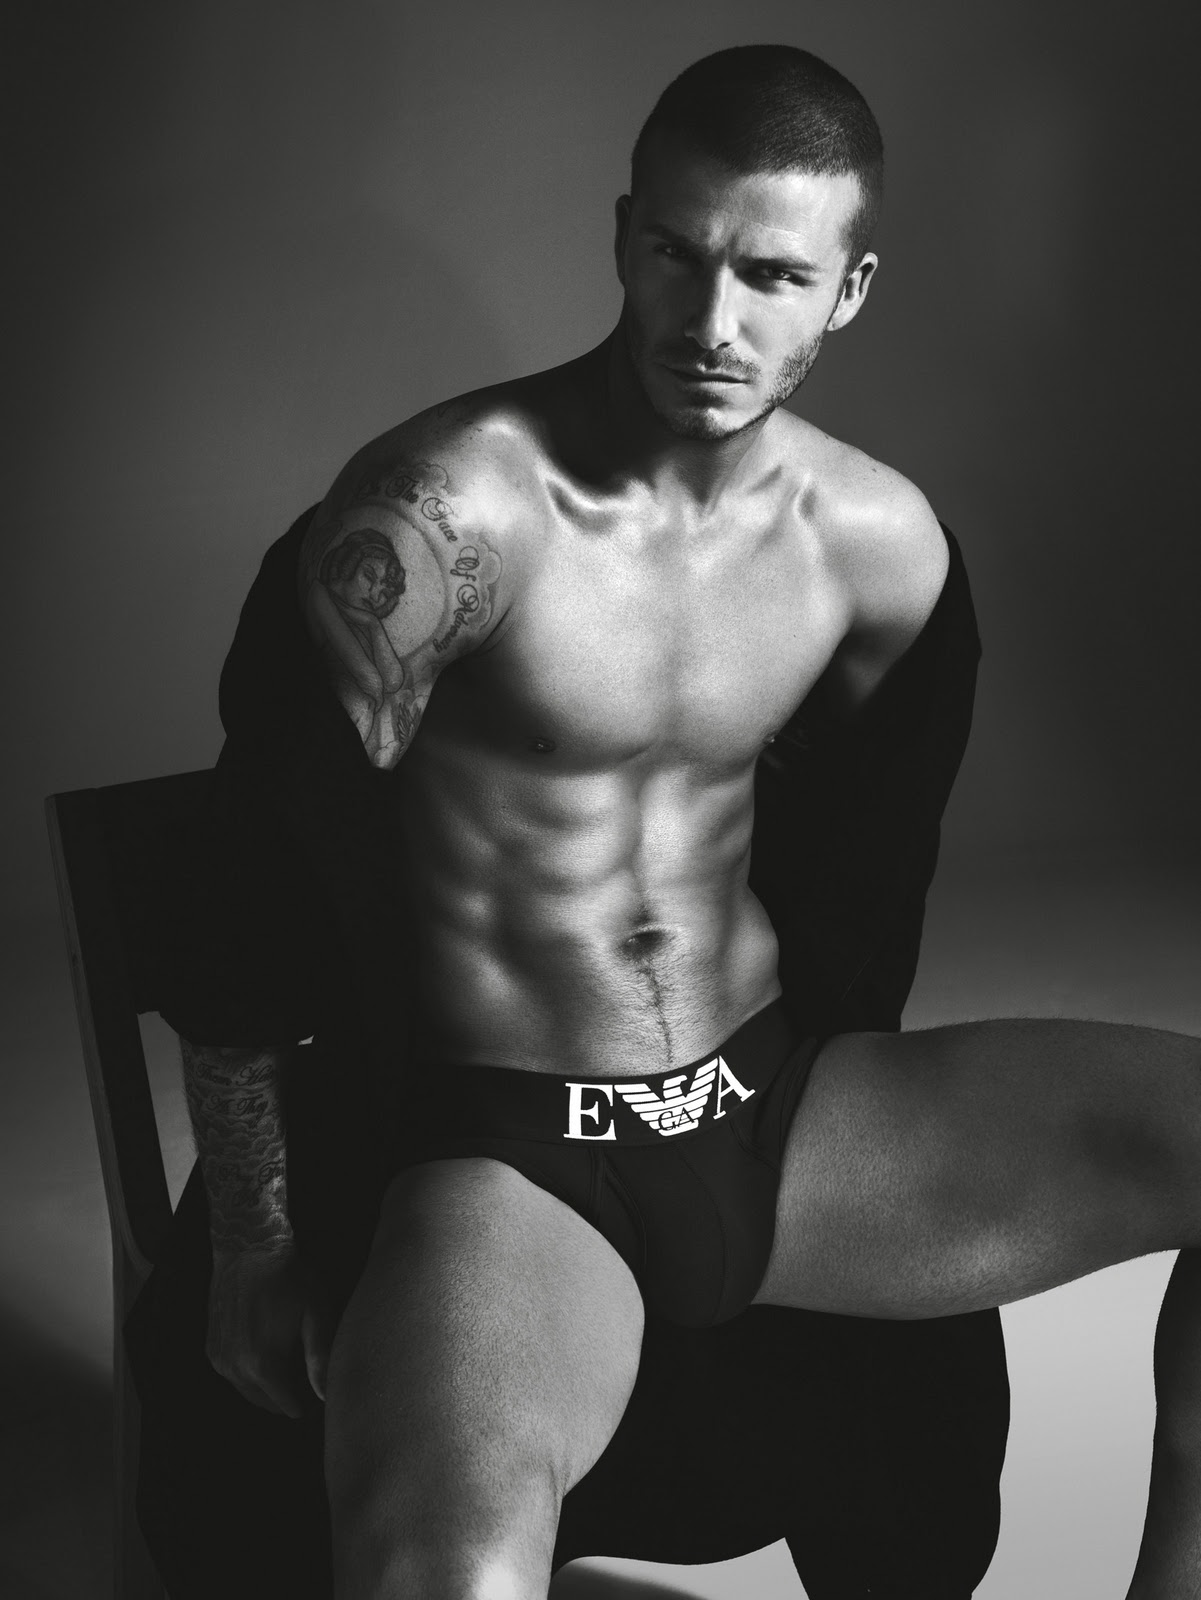 David Beckham Not Underwear